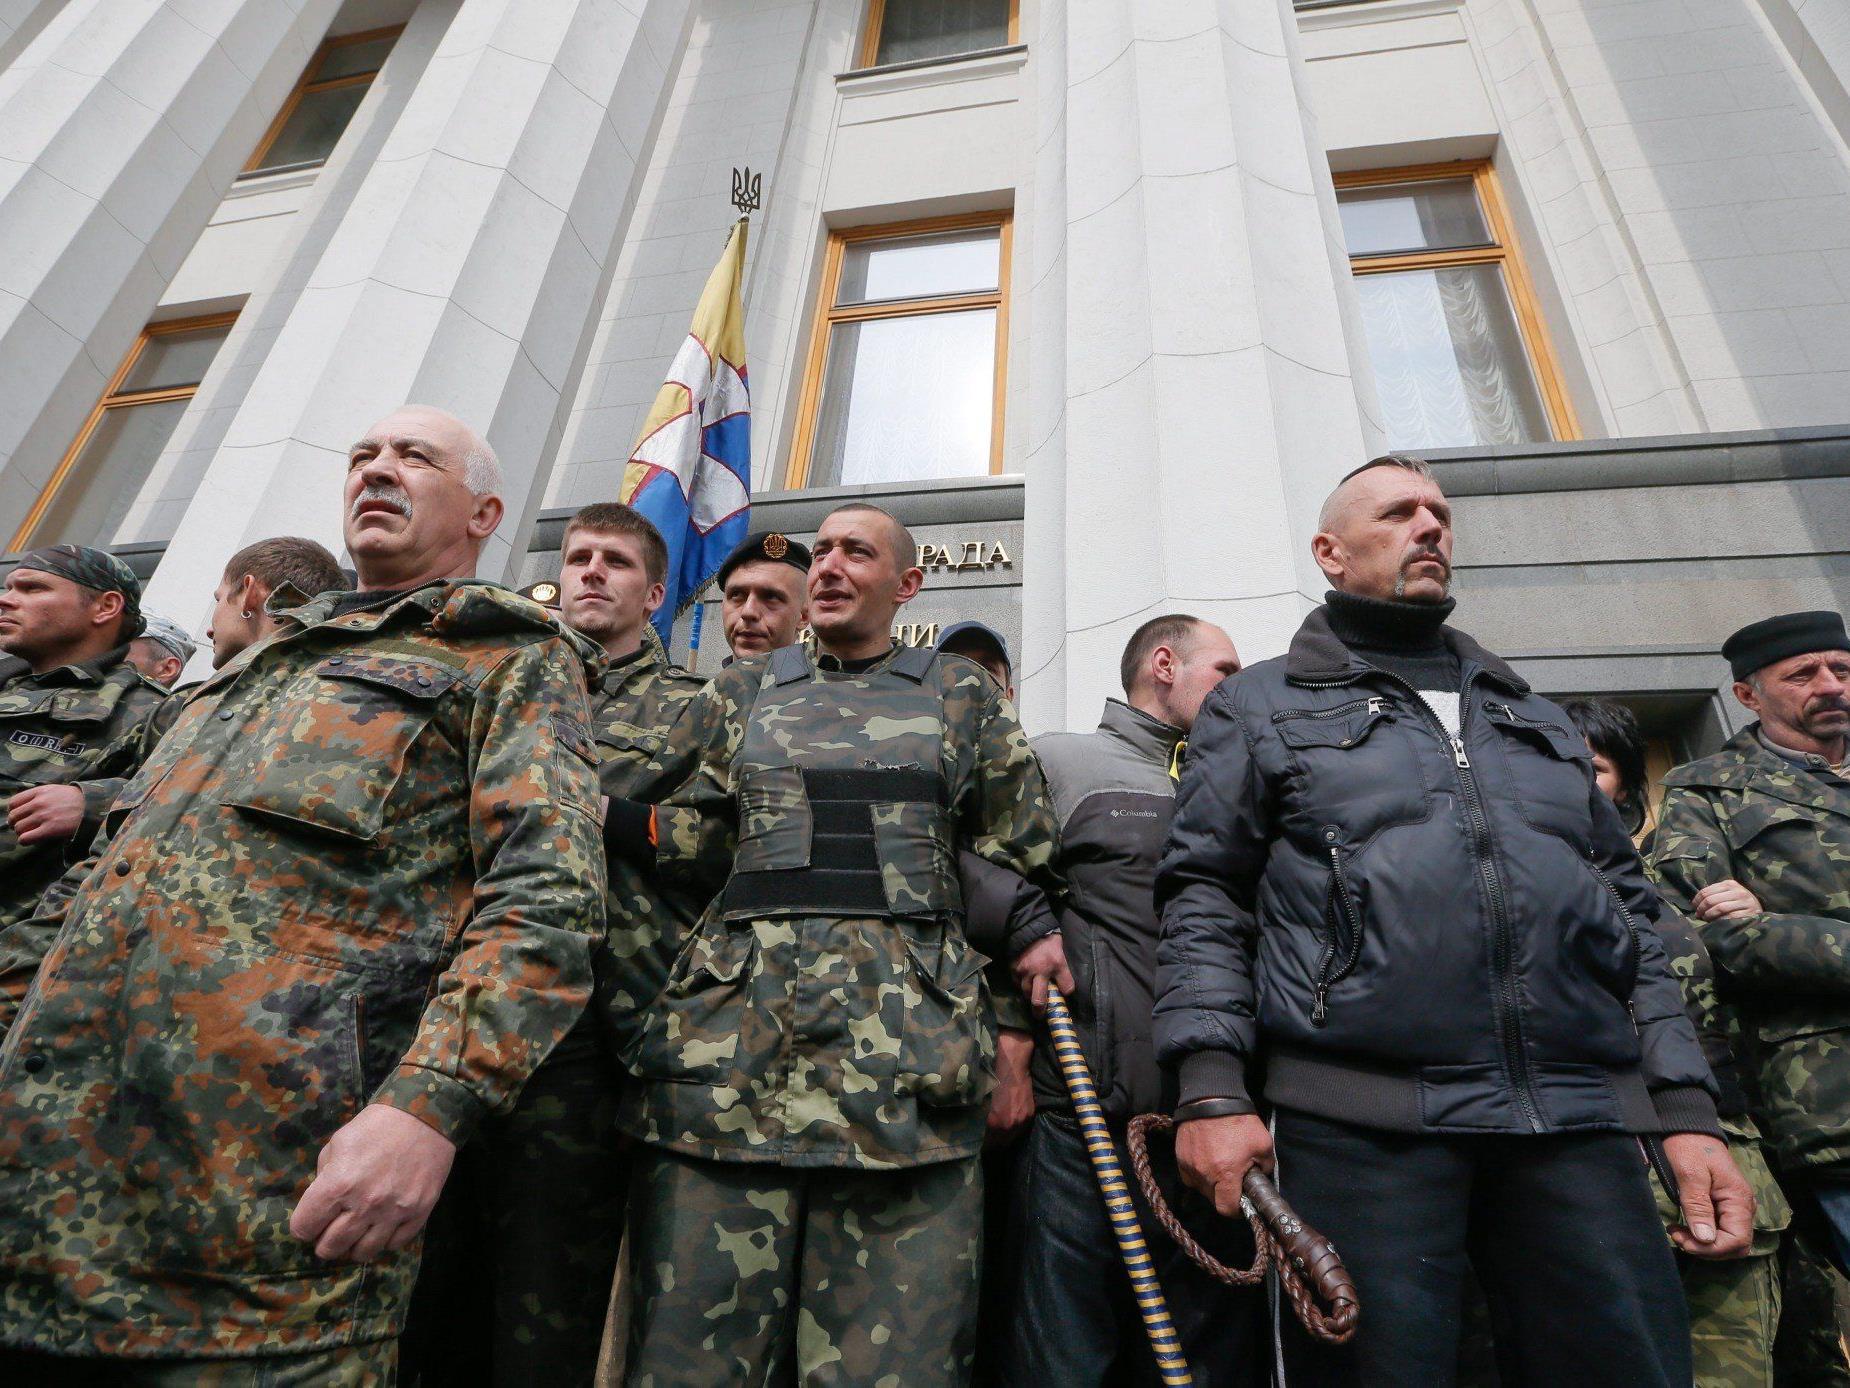 """Waffenabgabe von Teilnehmern am """"Februarumsturz in Kiew"""" als erstes im Auge."""